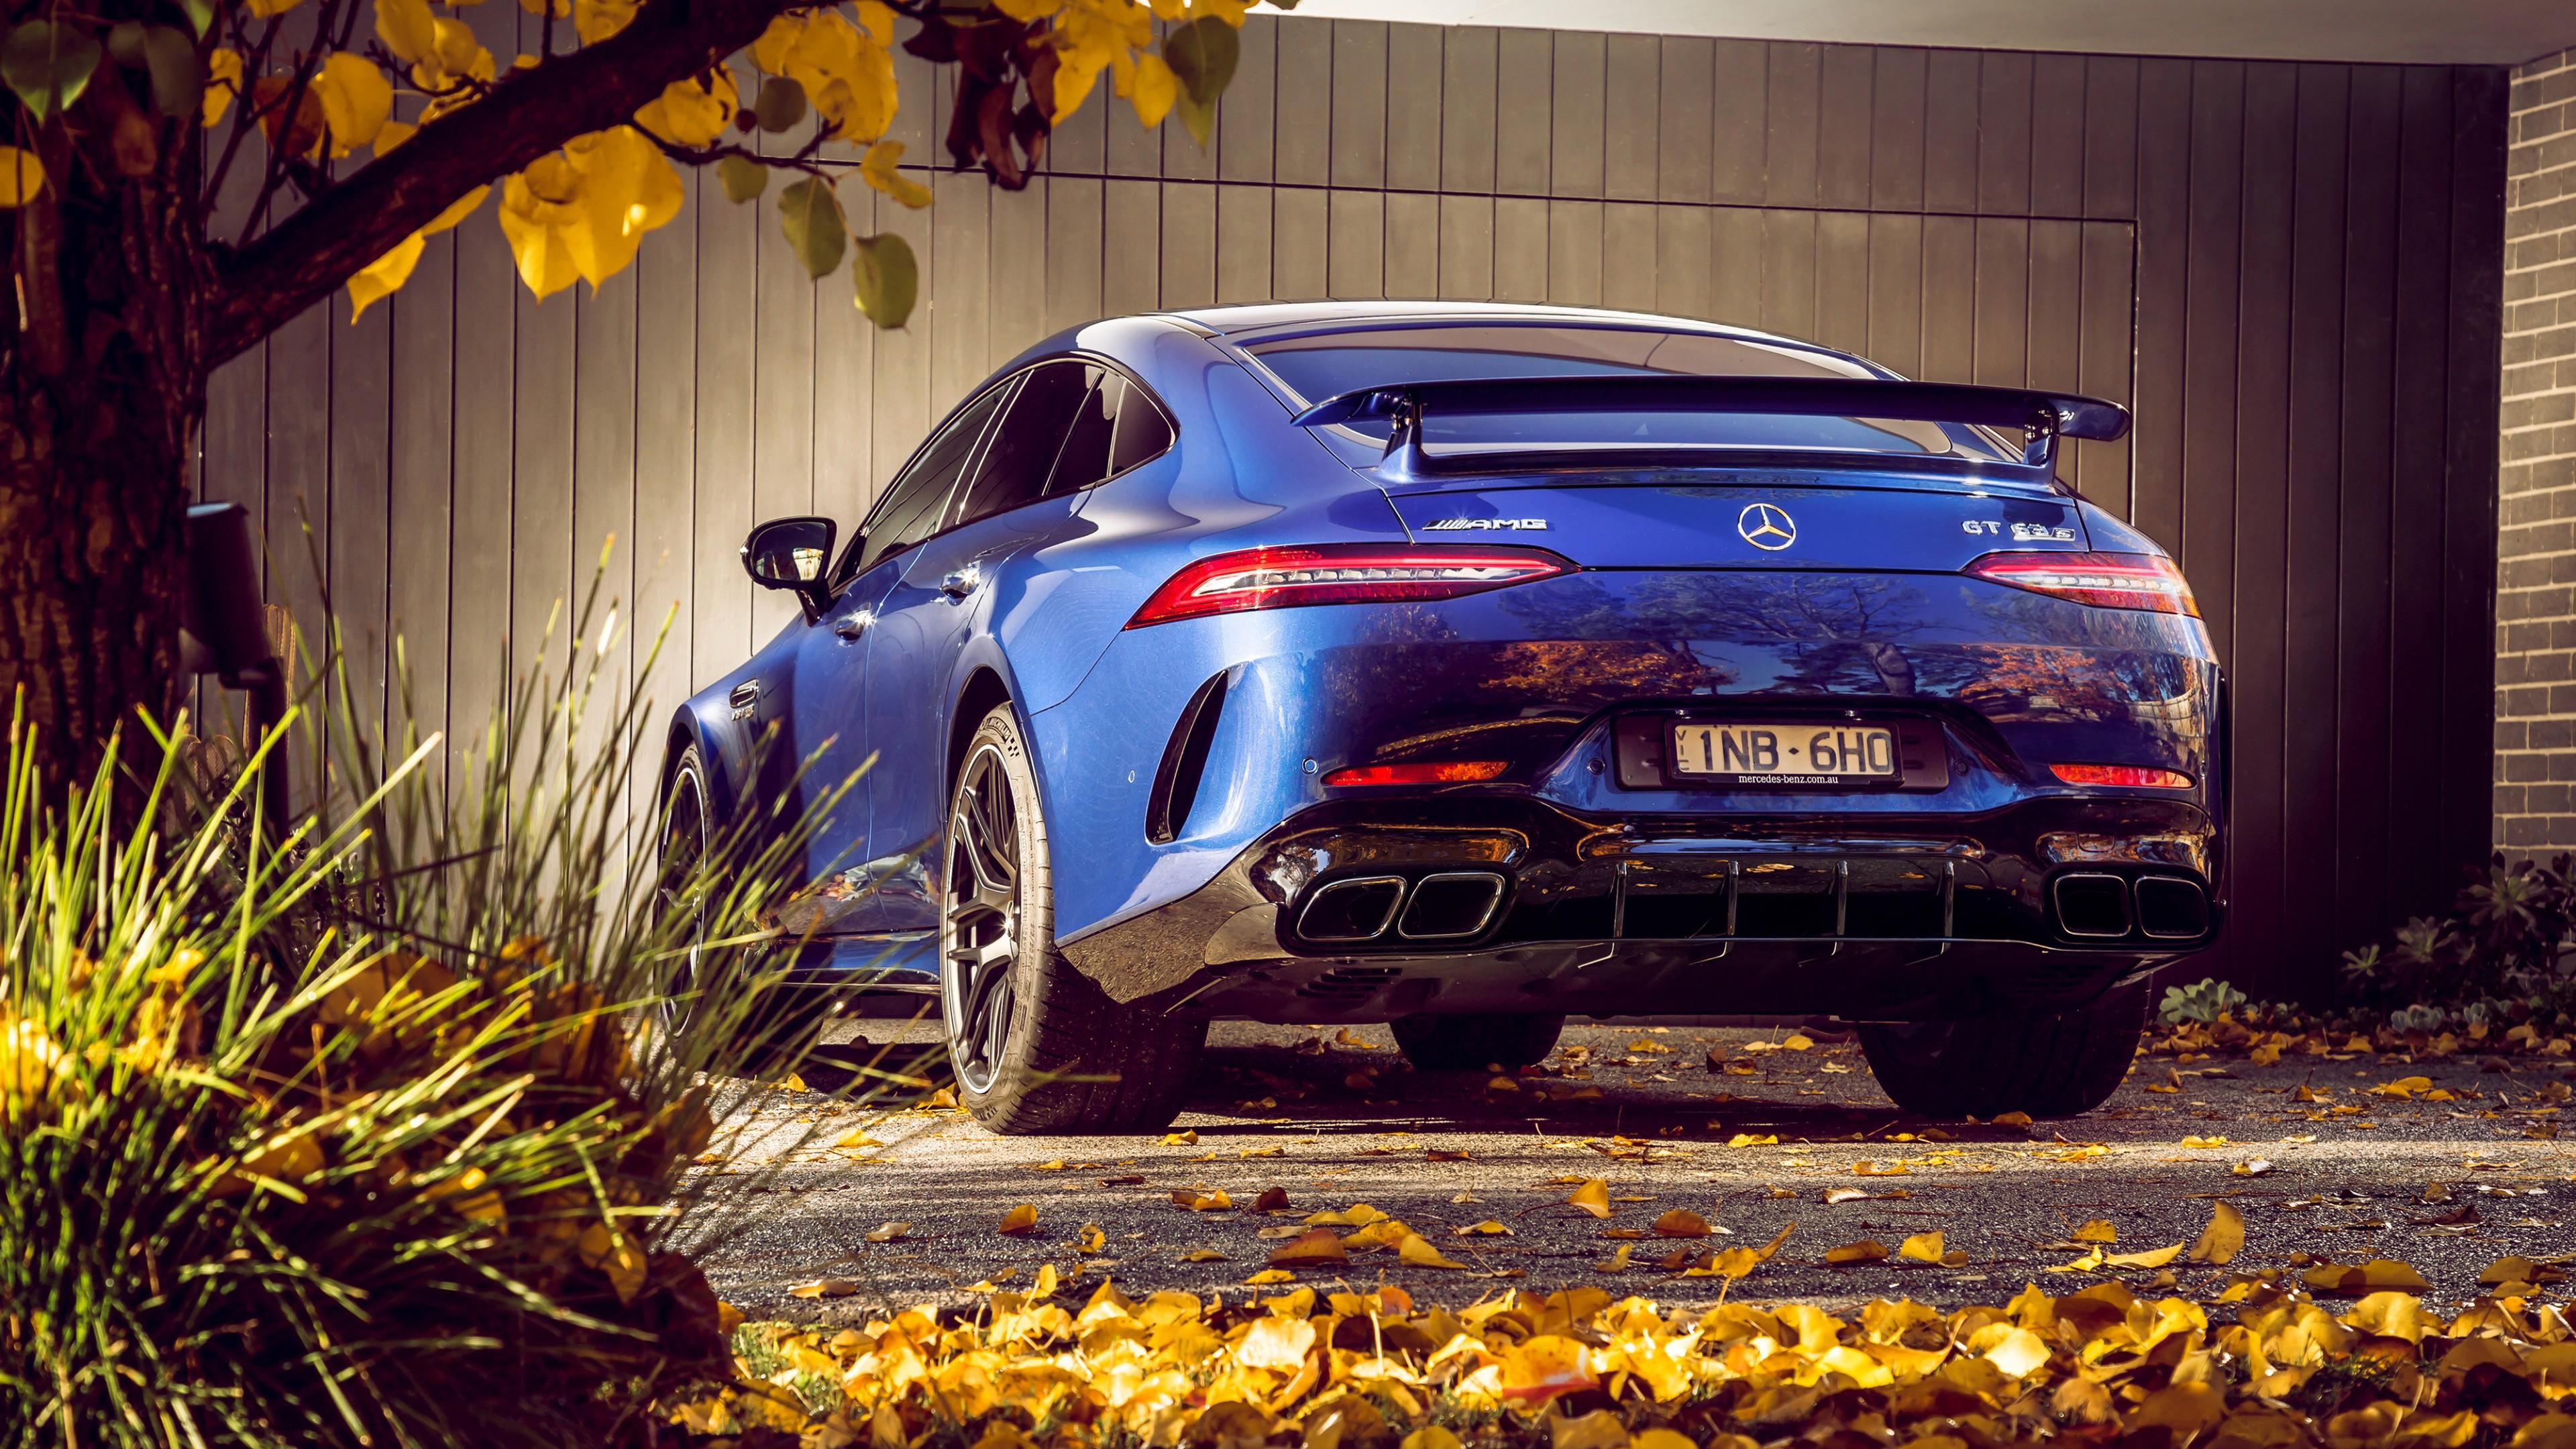 Mercedes Benz Amg Gt >> Mercedes-AMG GT 63 S 4MATIC 4-Door Coupe 2019 4K 5 ...